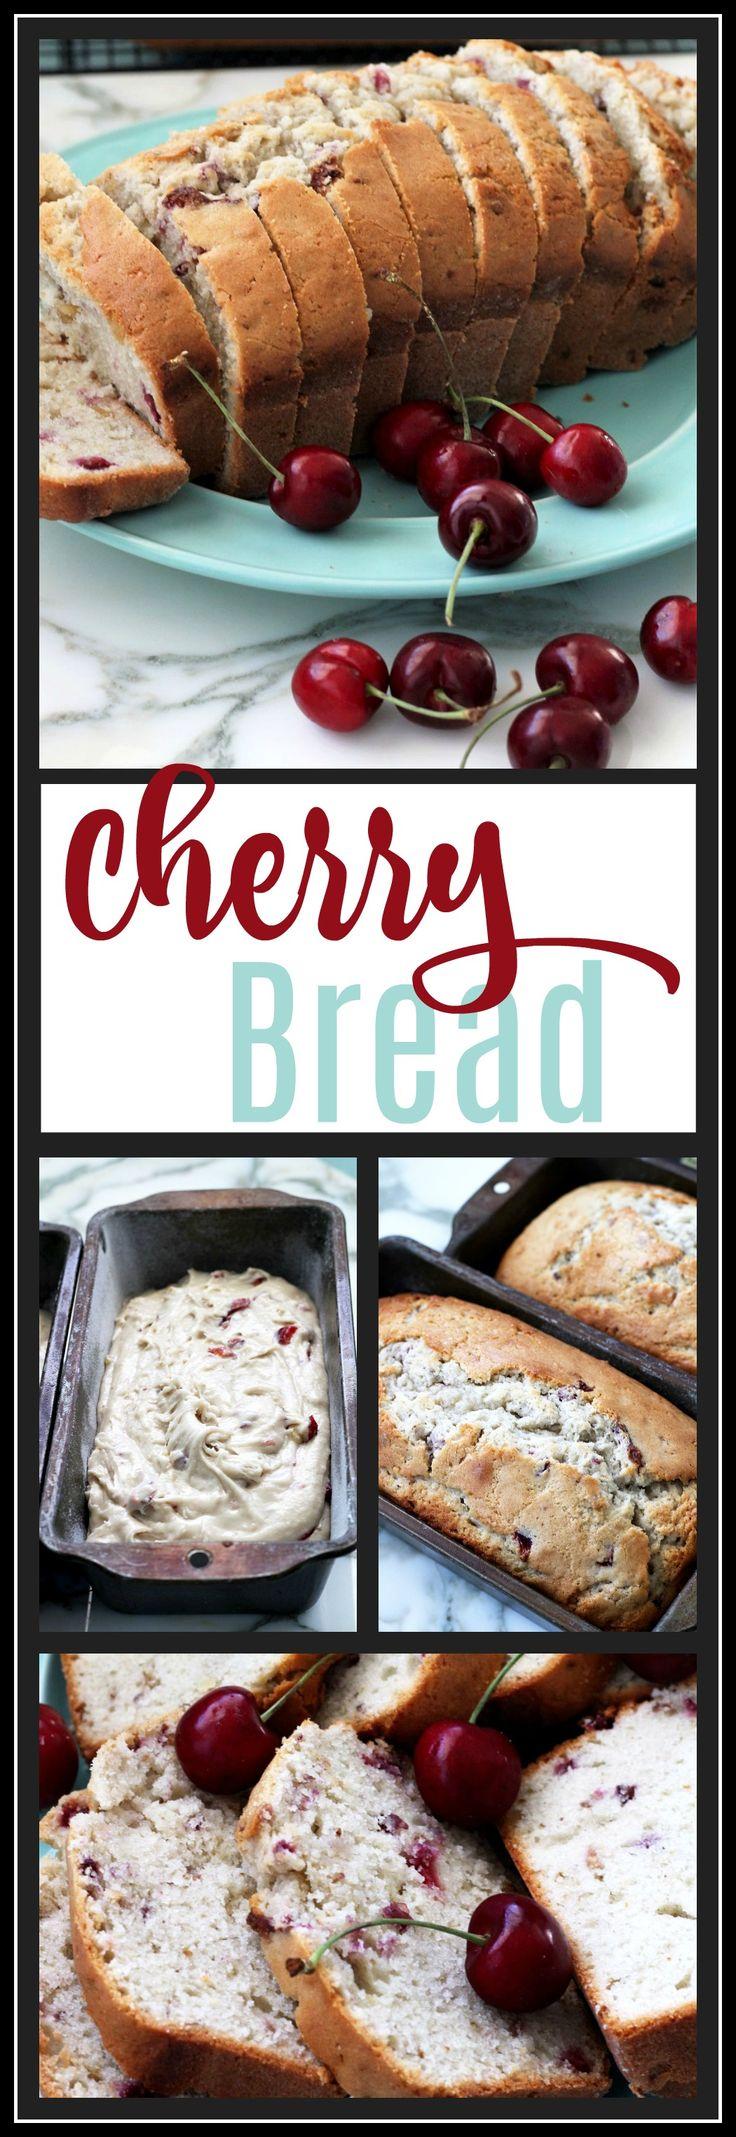 Cherry Bread